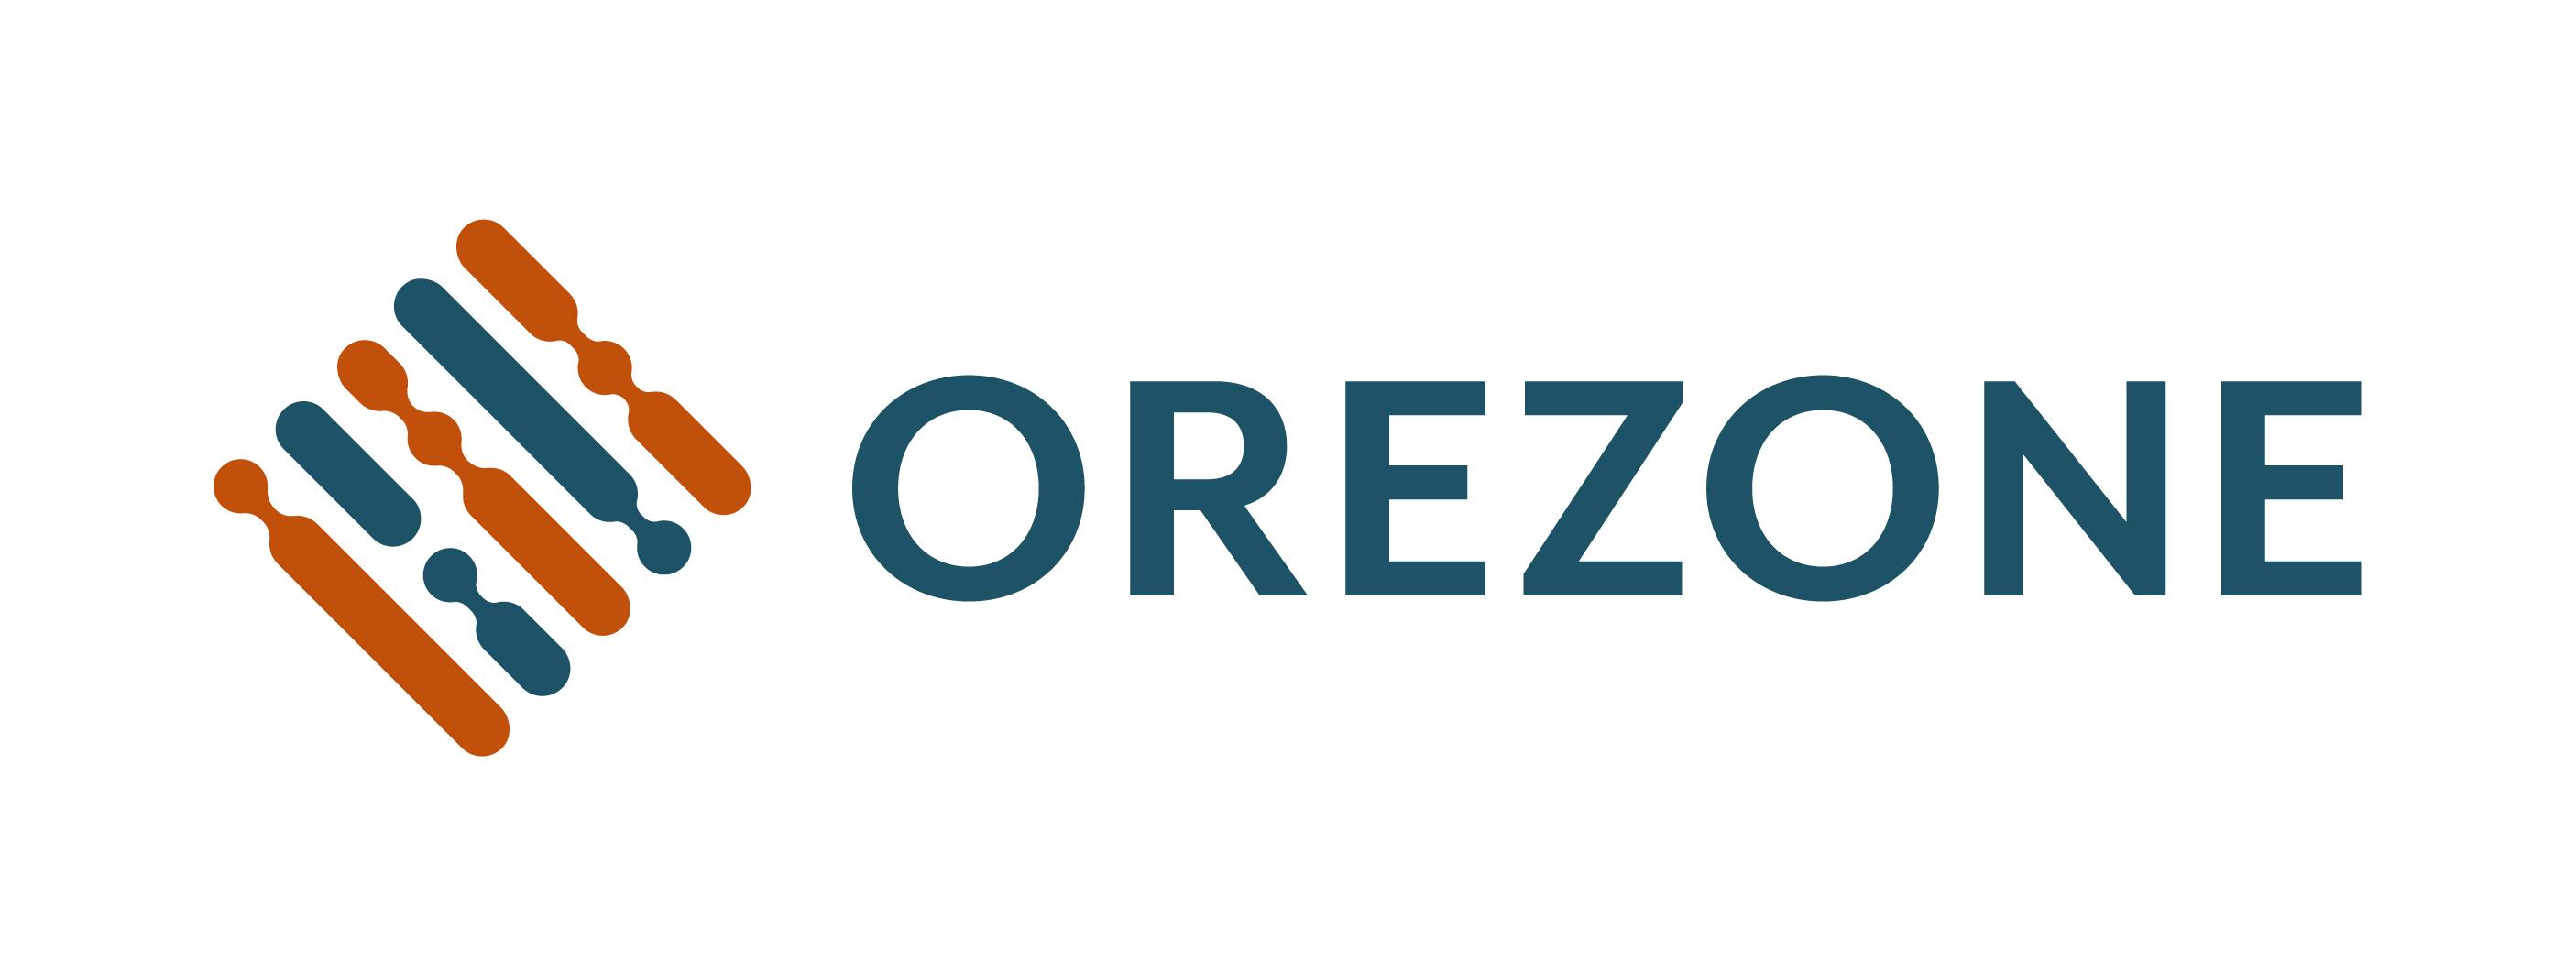 Orezone Appoints Bomboré's Project Director